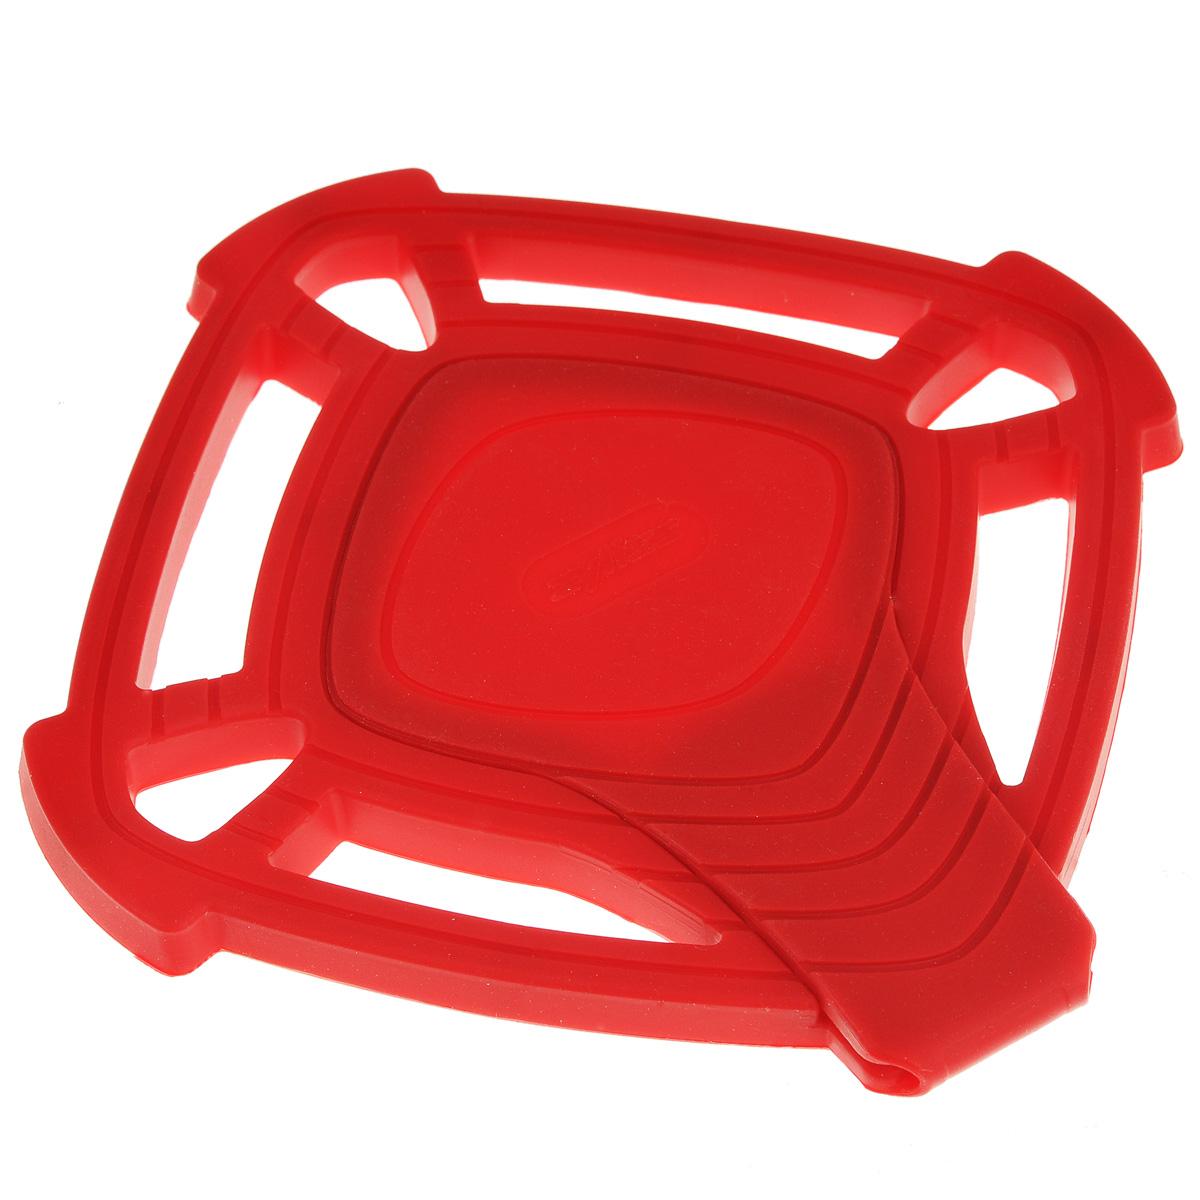 Подставка под горячее Zyliss, цвет: красный, 14,5 см х 14,5 смE990018Подставка под горячее Zyliss изготовлена из качественного и очень прочного силикона, позволяет выдерживать температуру до 240°С. Термостойкая подставка предназначена для кастрюль, горячих сковородок и тарелок, позволит вам сохранить покрытие ваших столов. Материал не скользит по поверхности стола. Подставка обладает уникальным свойством: средняя секция раскладывается, превращаясь в удобную подставку для половника. Подставка безопасна при контакте с тефлоновой поверхностью. Подставка под горячее Zyliss незаменимый и очень полезный аксессуар на каждой кухне. Можно мыть в посудомоечной машине. Размер подставки: 14,5 см х 14,5 см. Длина подставки для половника: 14,5 см.